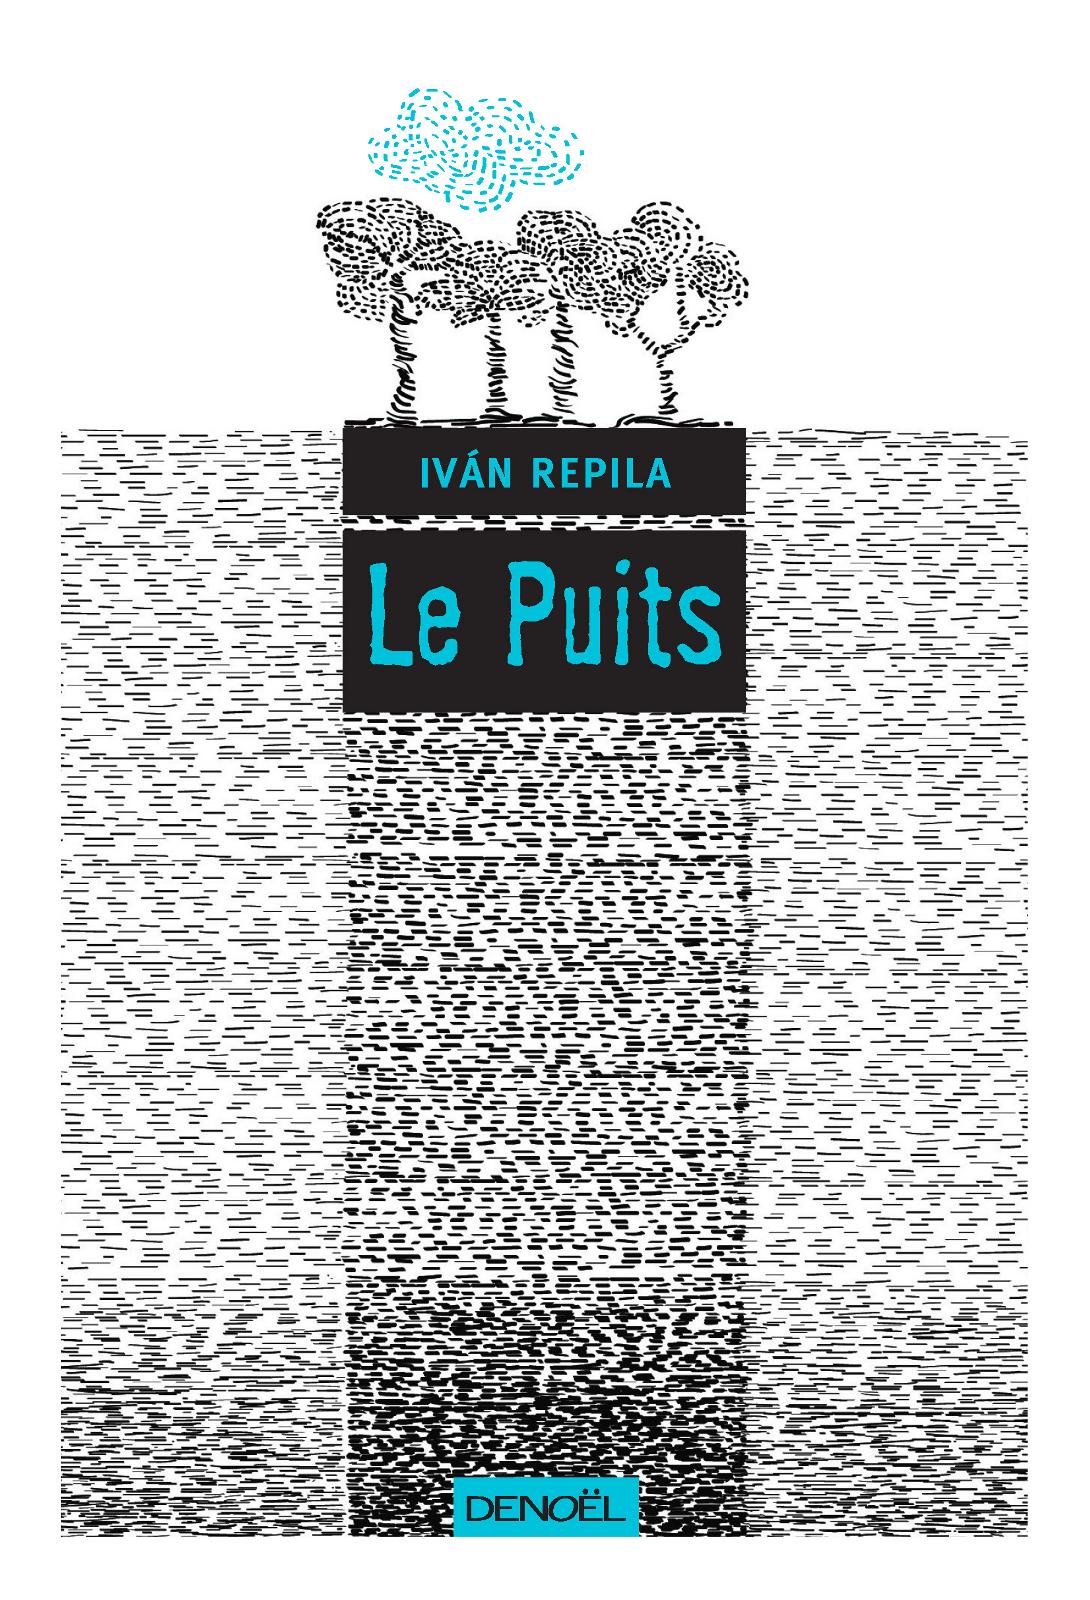 Le Puits